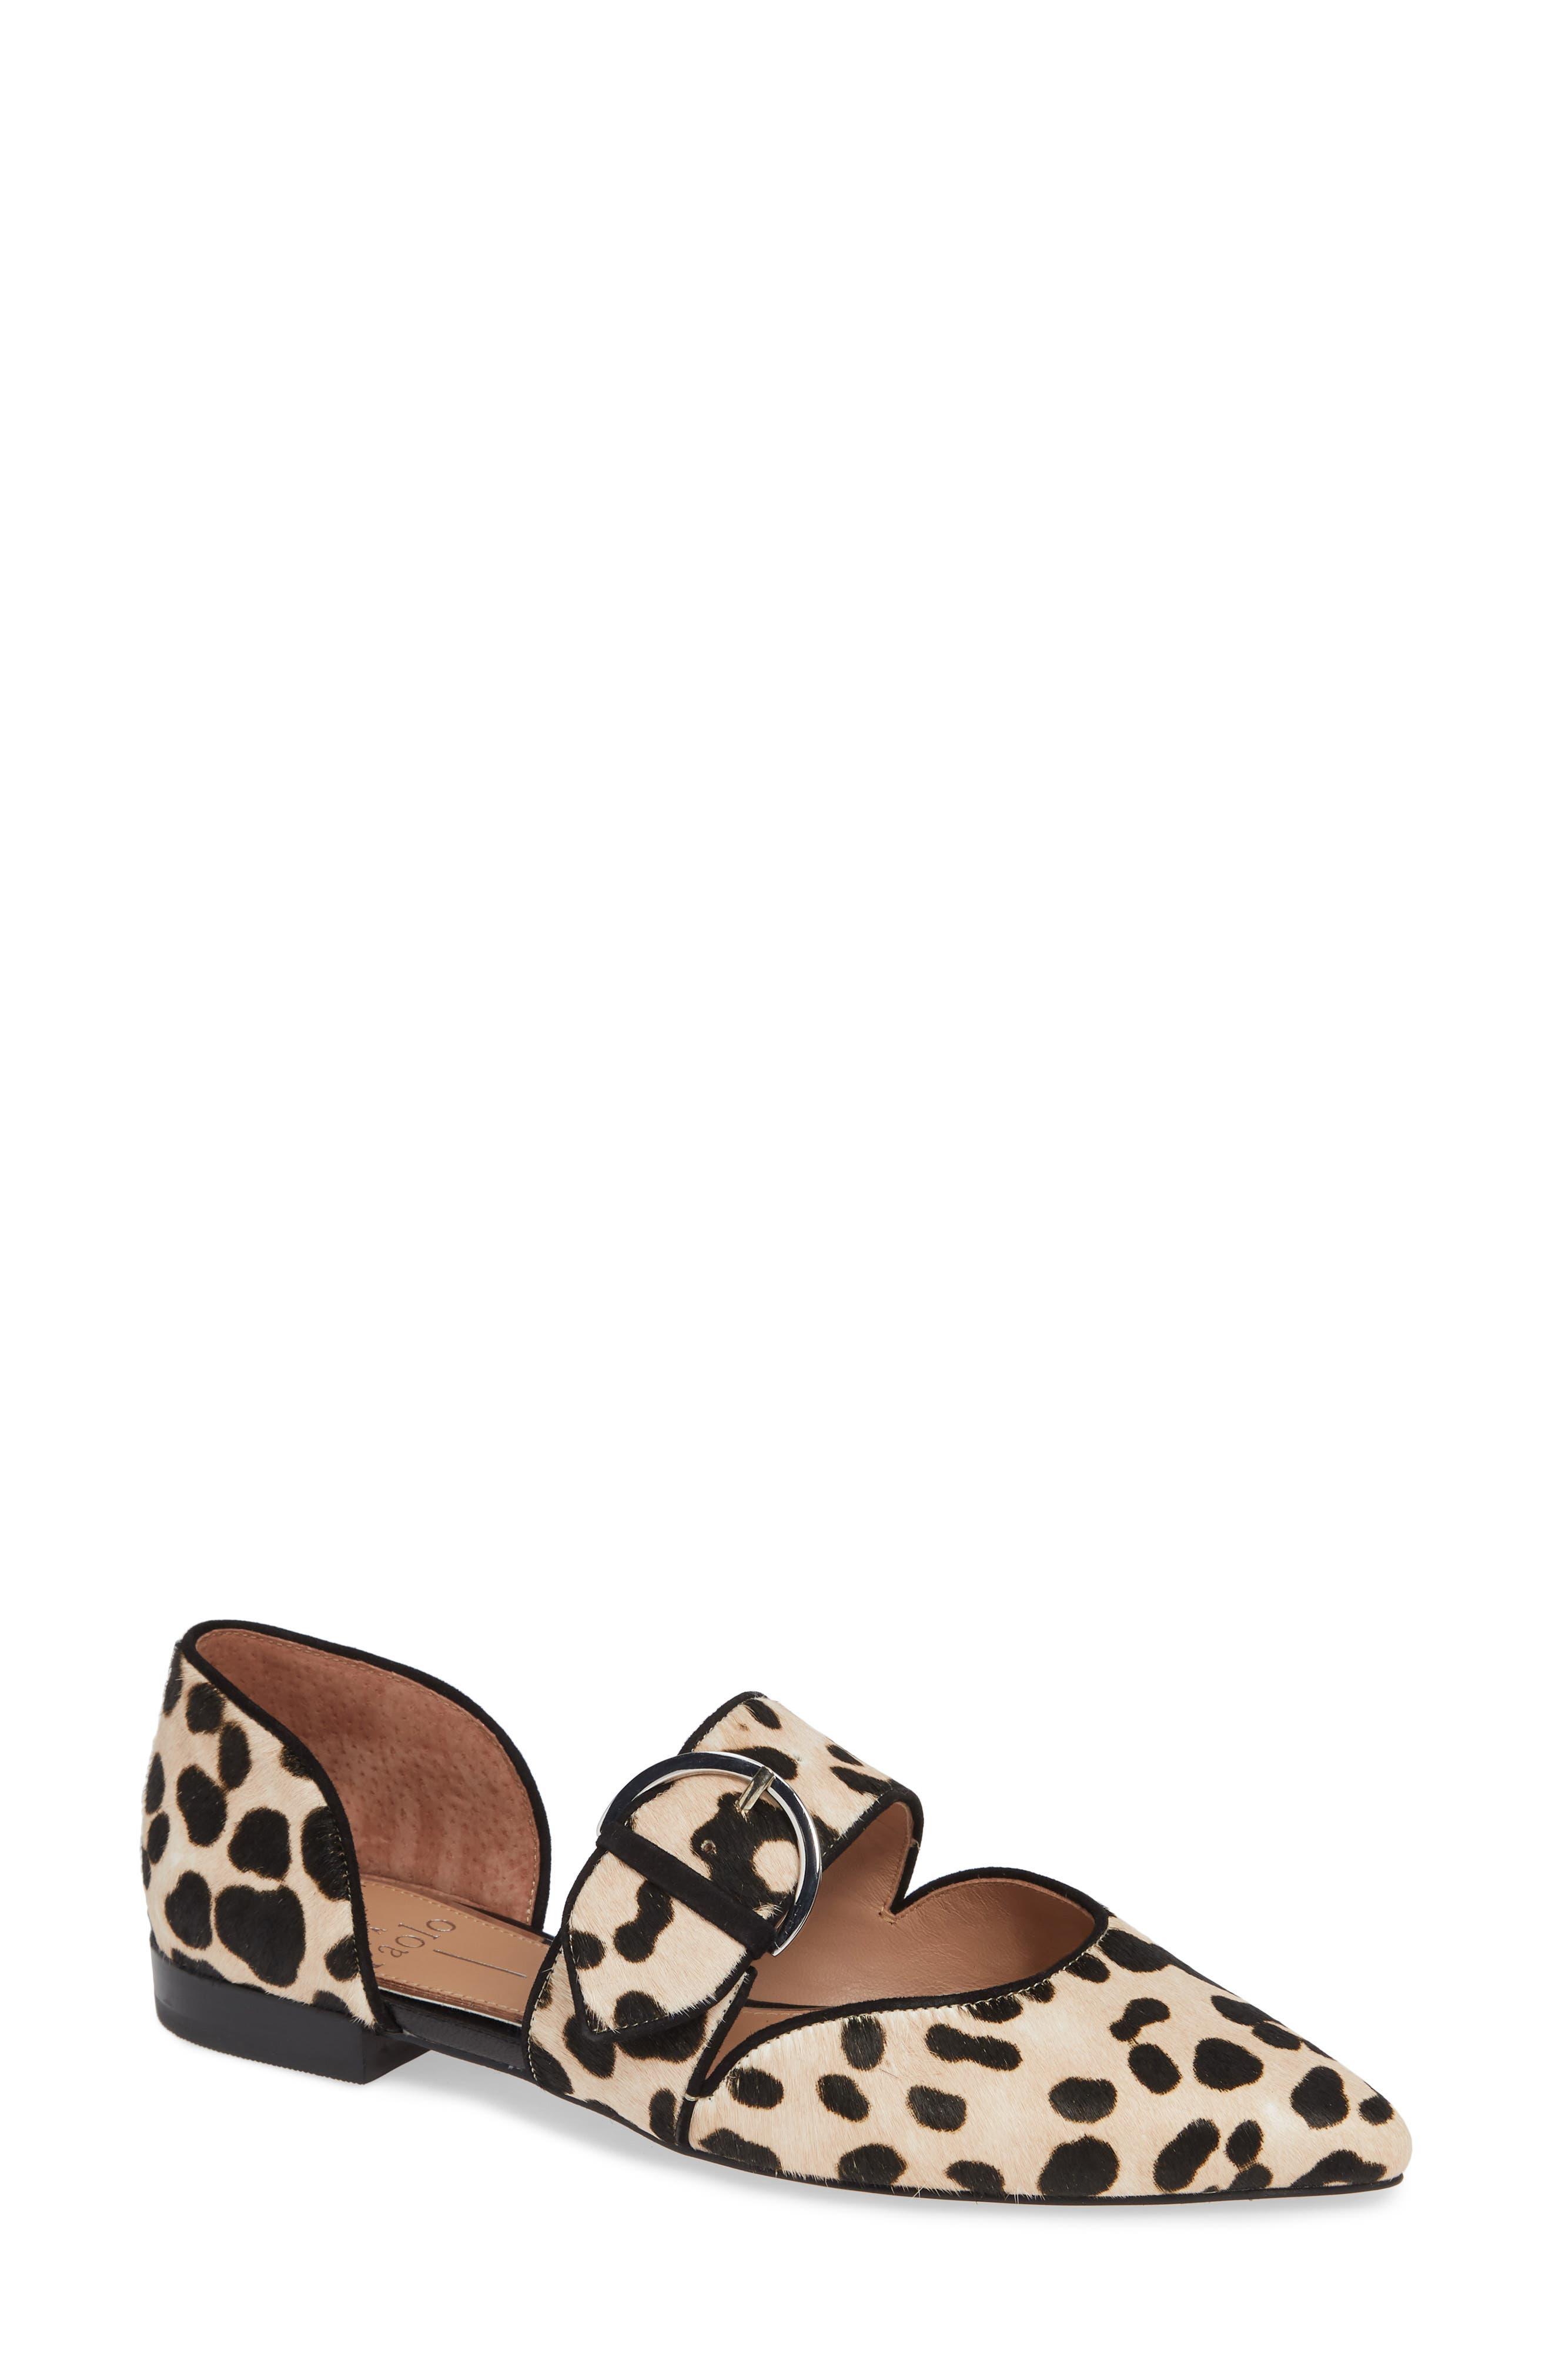 Dean Pointy Toe Flat,                         Main,                         color, WHITE/ BLACK PRINT HAIRCALF